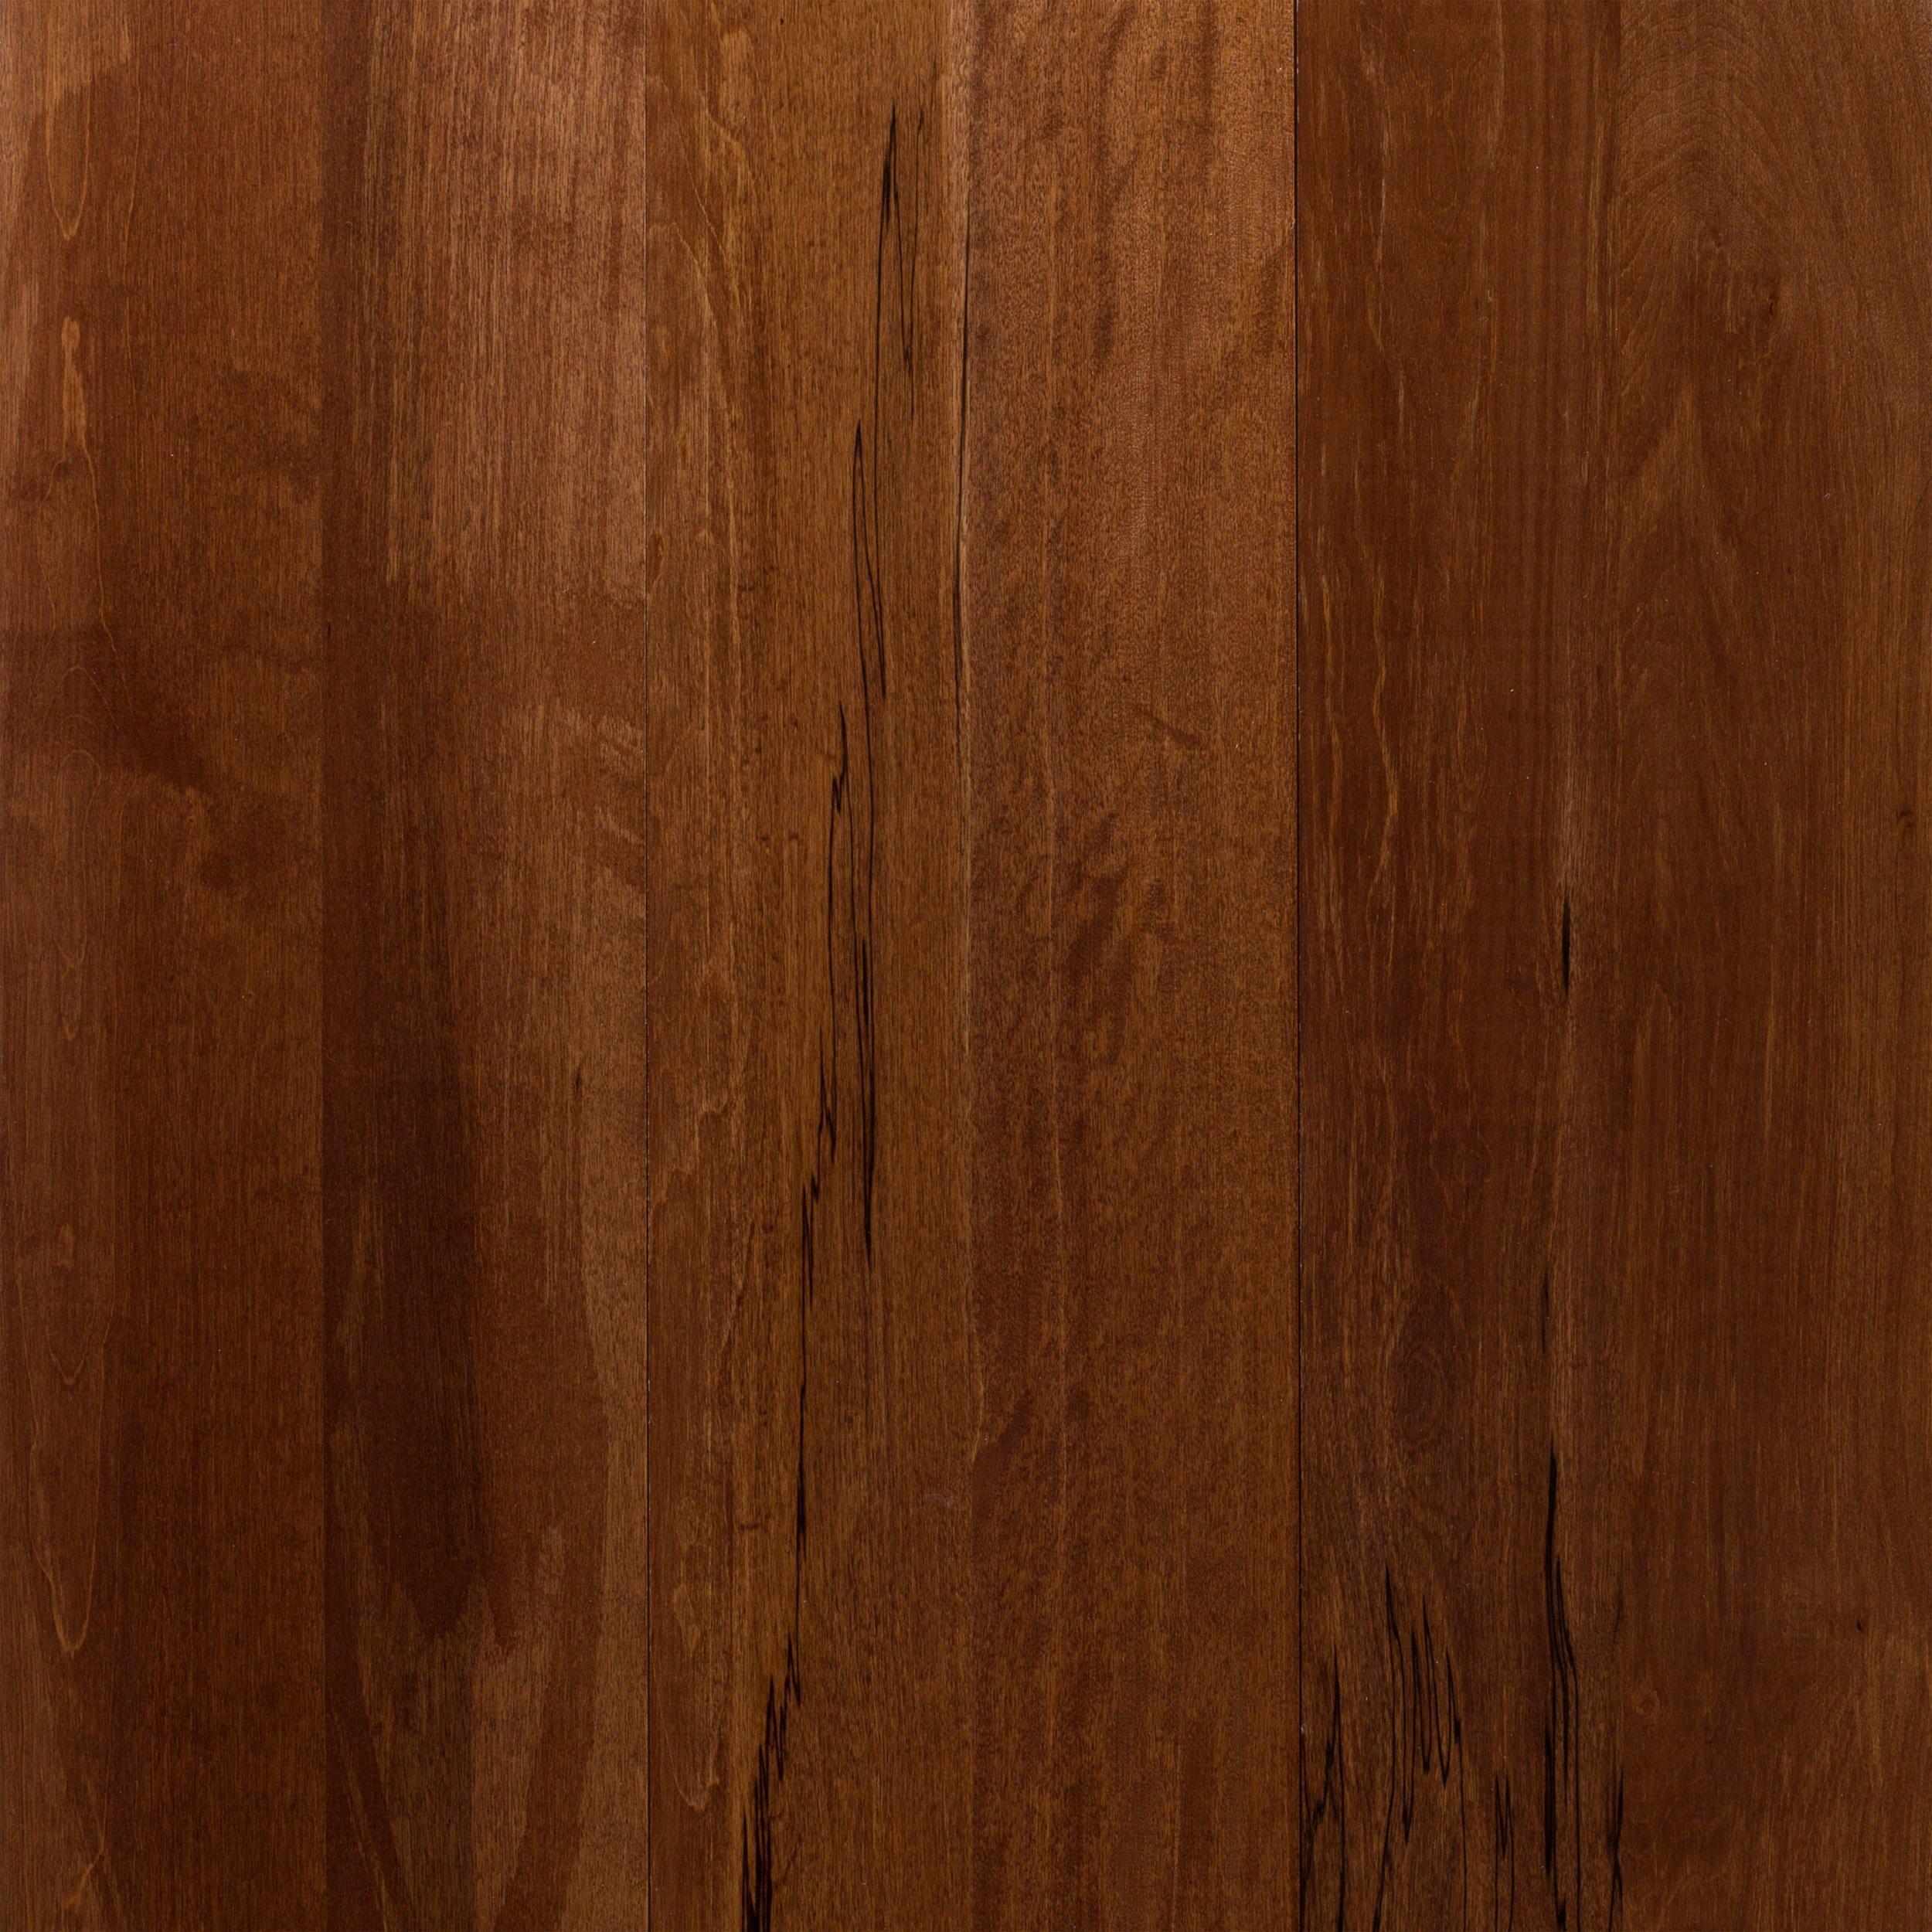 wood flooring cider birch smooth solid hardwood - 5/8in. x 7in. - 100342526 | floor HXXWXNF